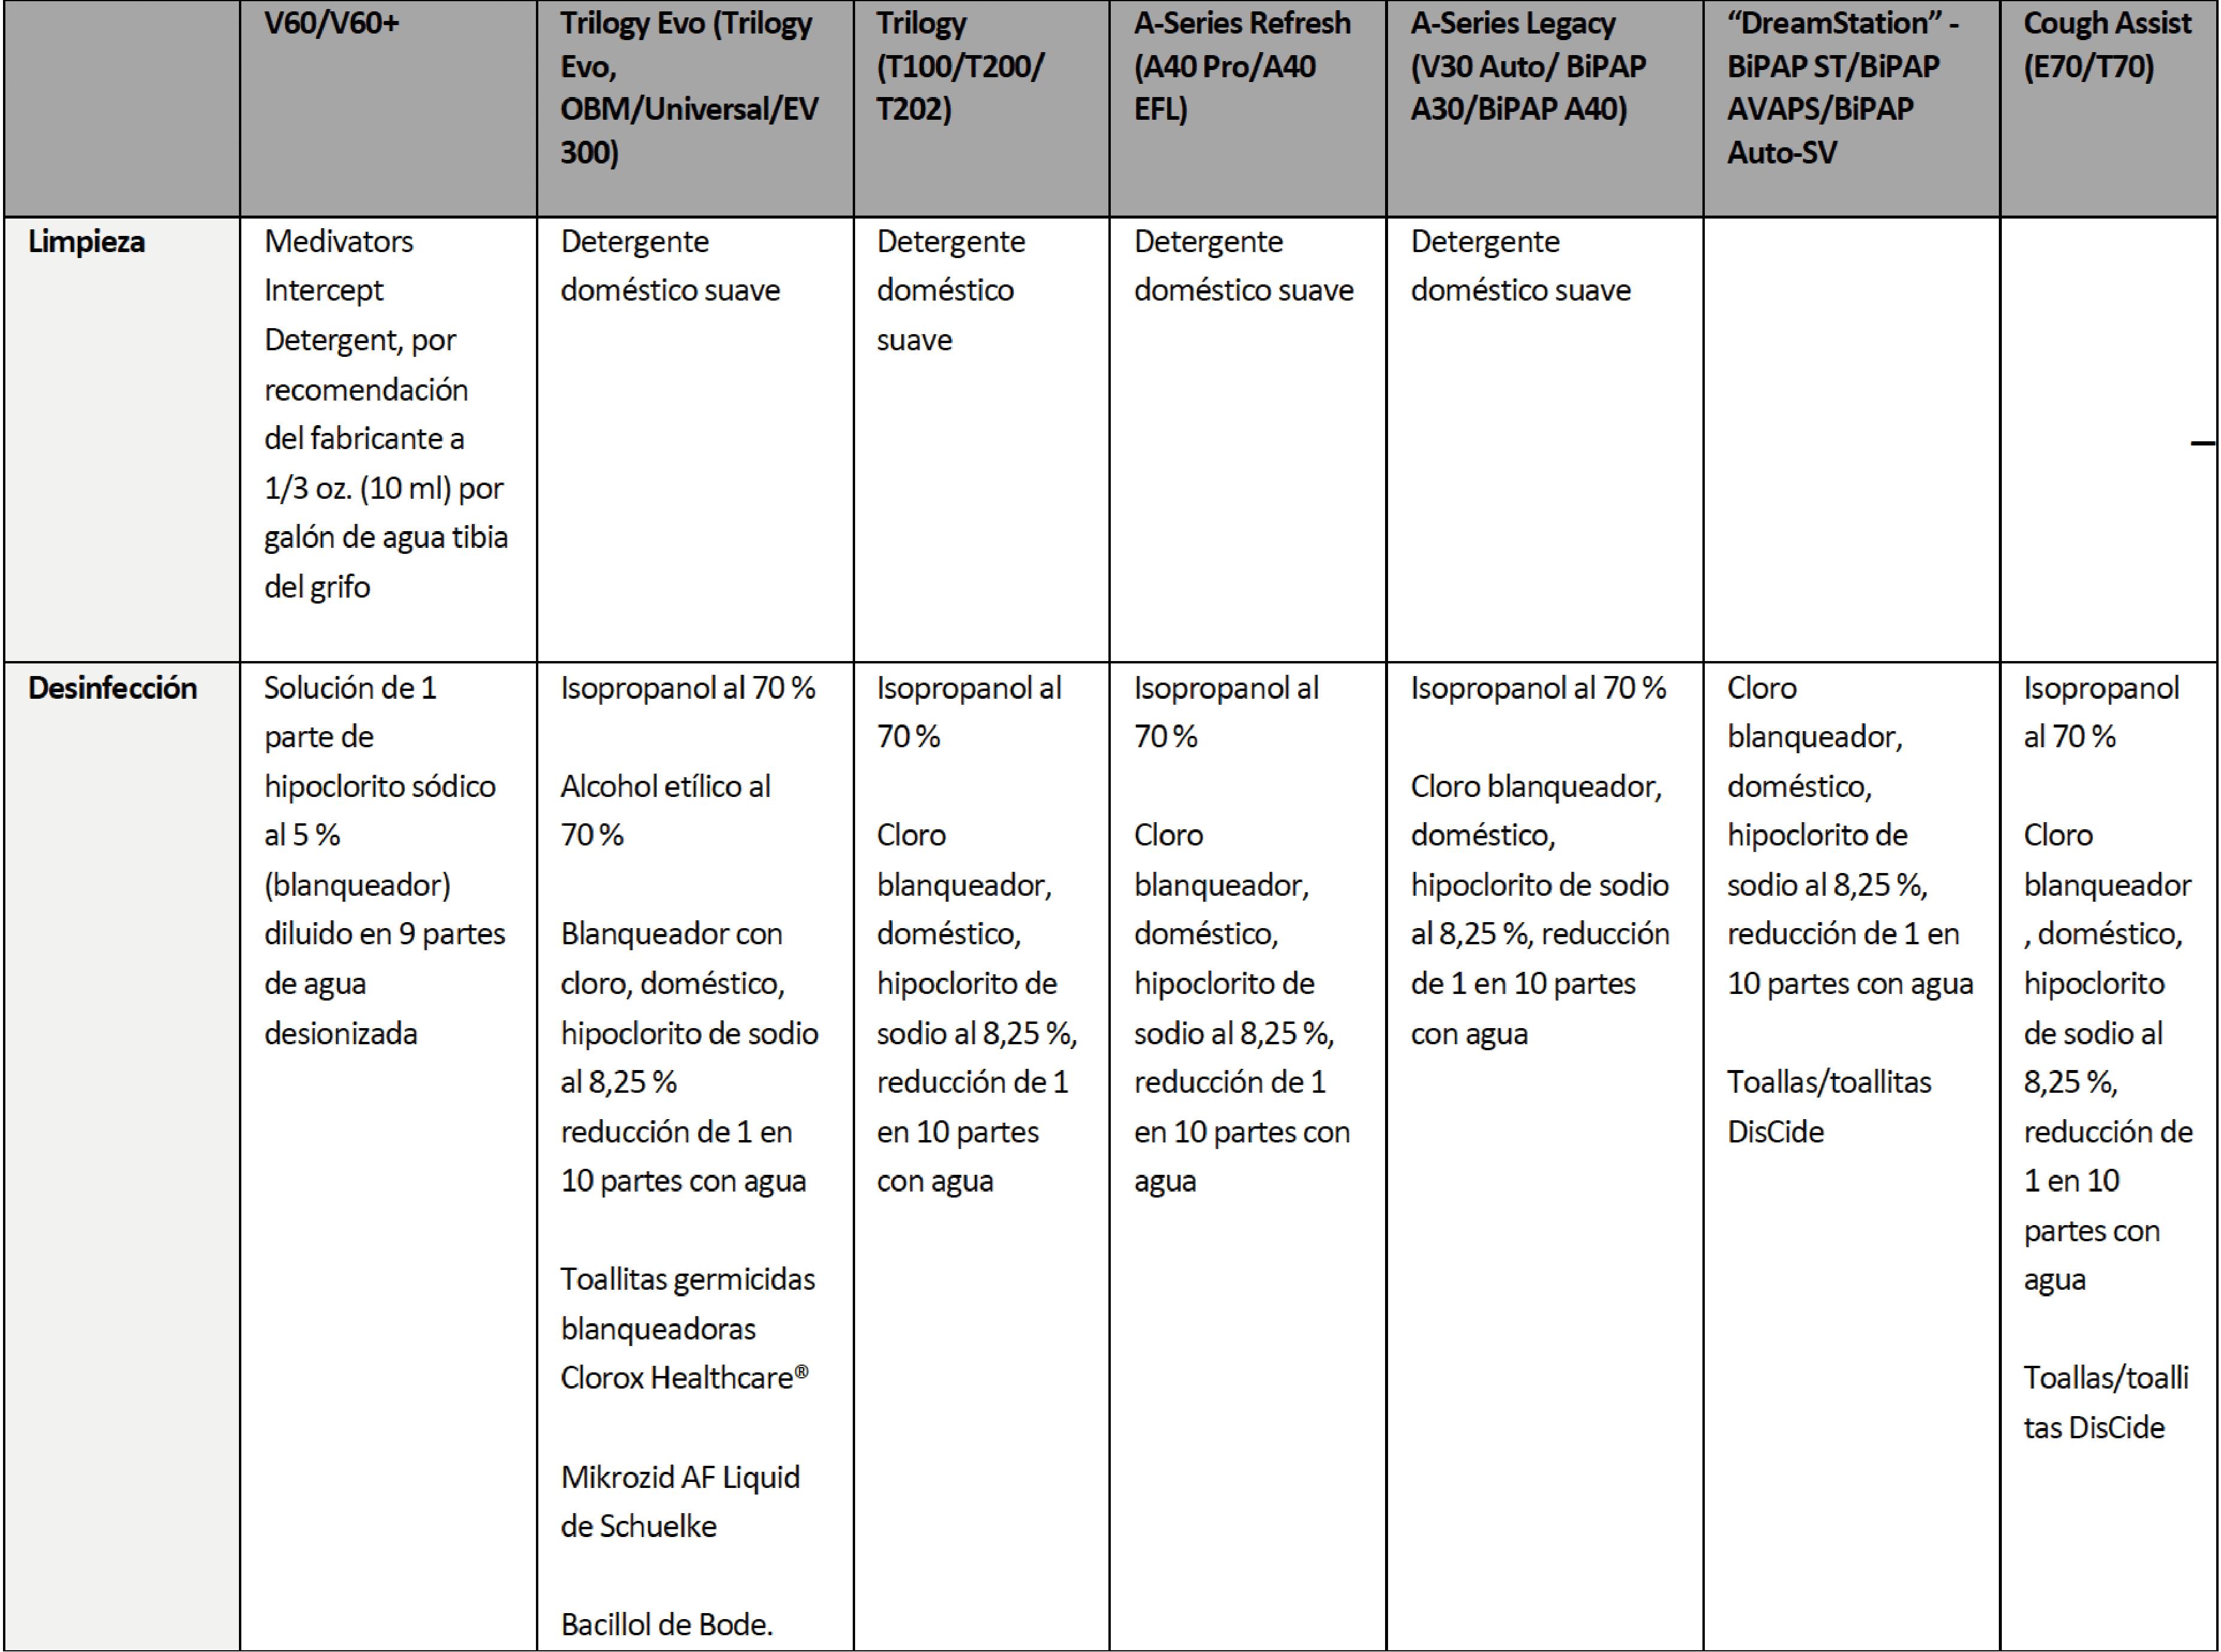 tabla explicativa para la limpieza y desinfección de equipos de ventilación Philips Respironics, y que elementos son necesarios la limpiza de equipos cpap, bipap, bpap y evitar la propagación del coronavirus